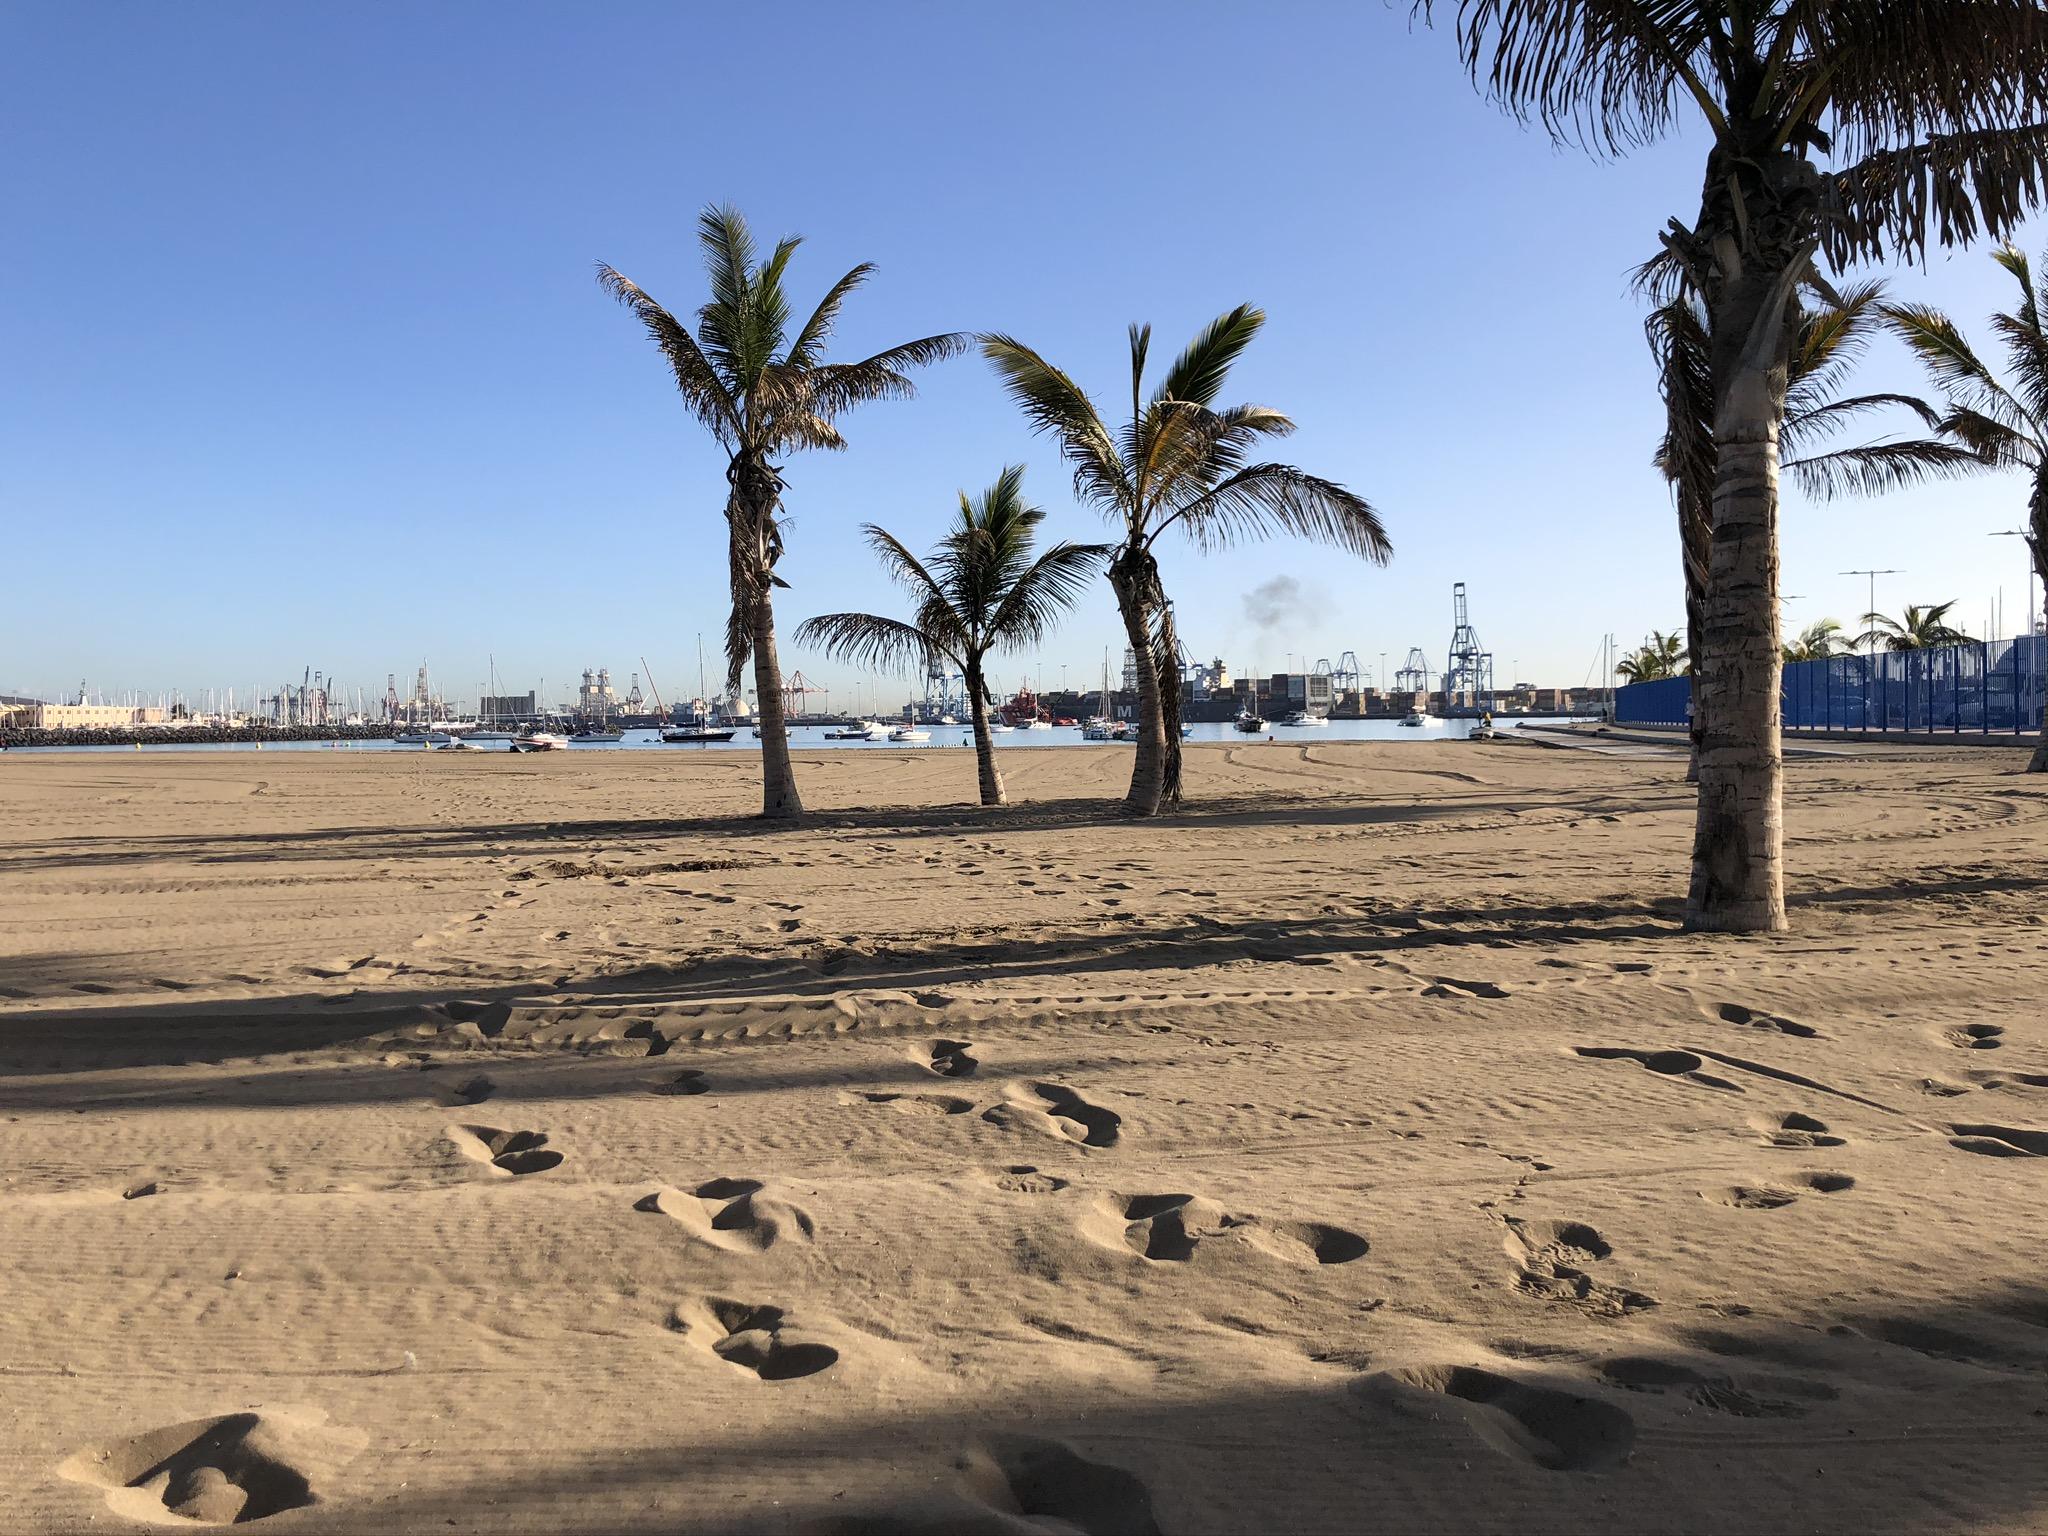 Im Hafen von Las Palmas will Malte ein Segelschiff finden, das ihn über den Atlantischen Ozean bringt, nach Brasilien oder in die Karibik. Doch wann wird sein Schiff kommen? (Foto: Paul Hildebrandt)